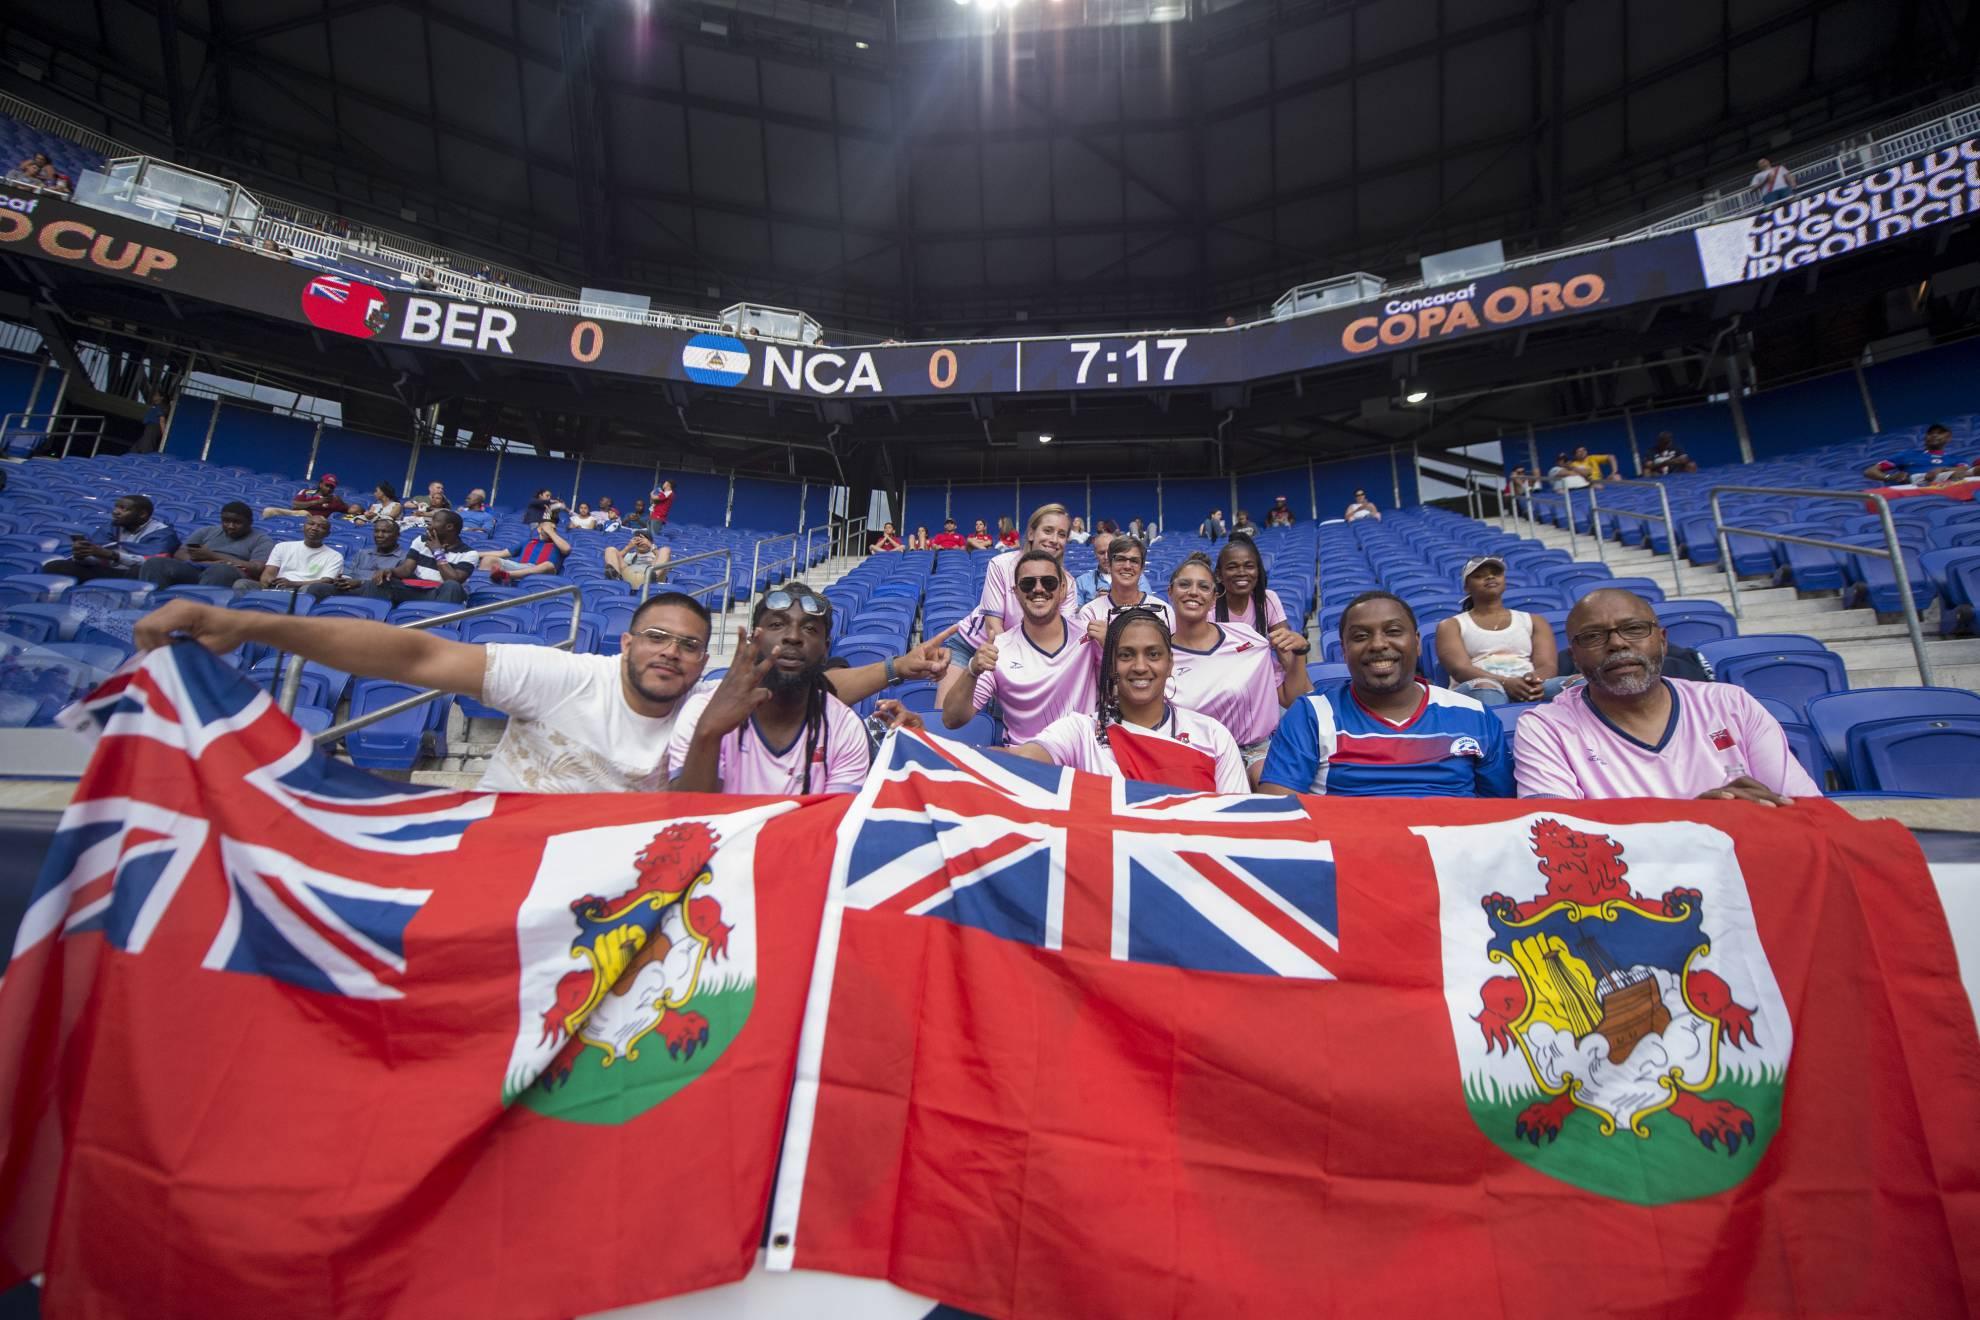 Población total de Bermudas no llena el Estadio Azteca